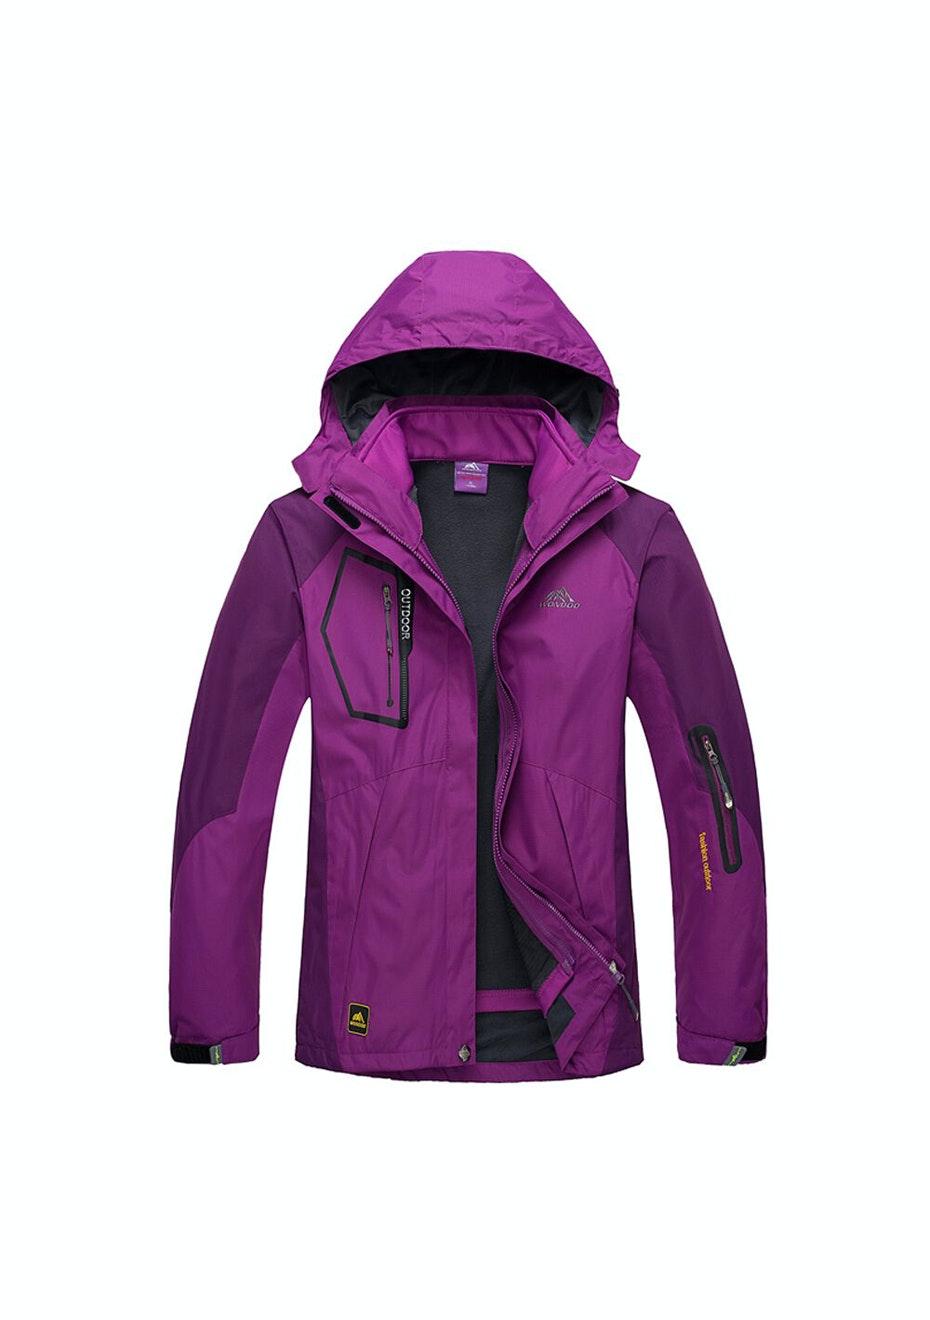 Women 2-in-1 WaterProof Jackets - Purple